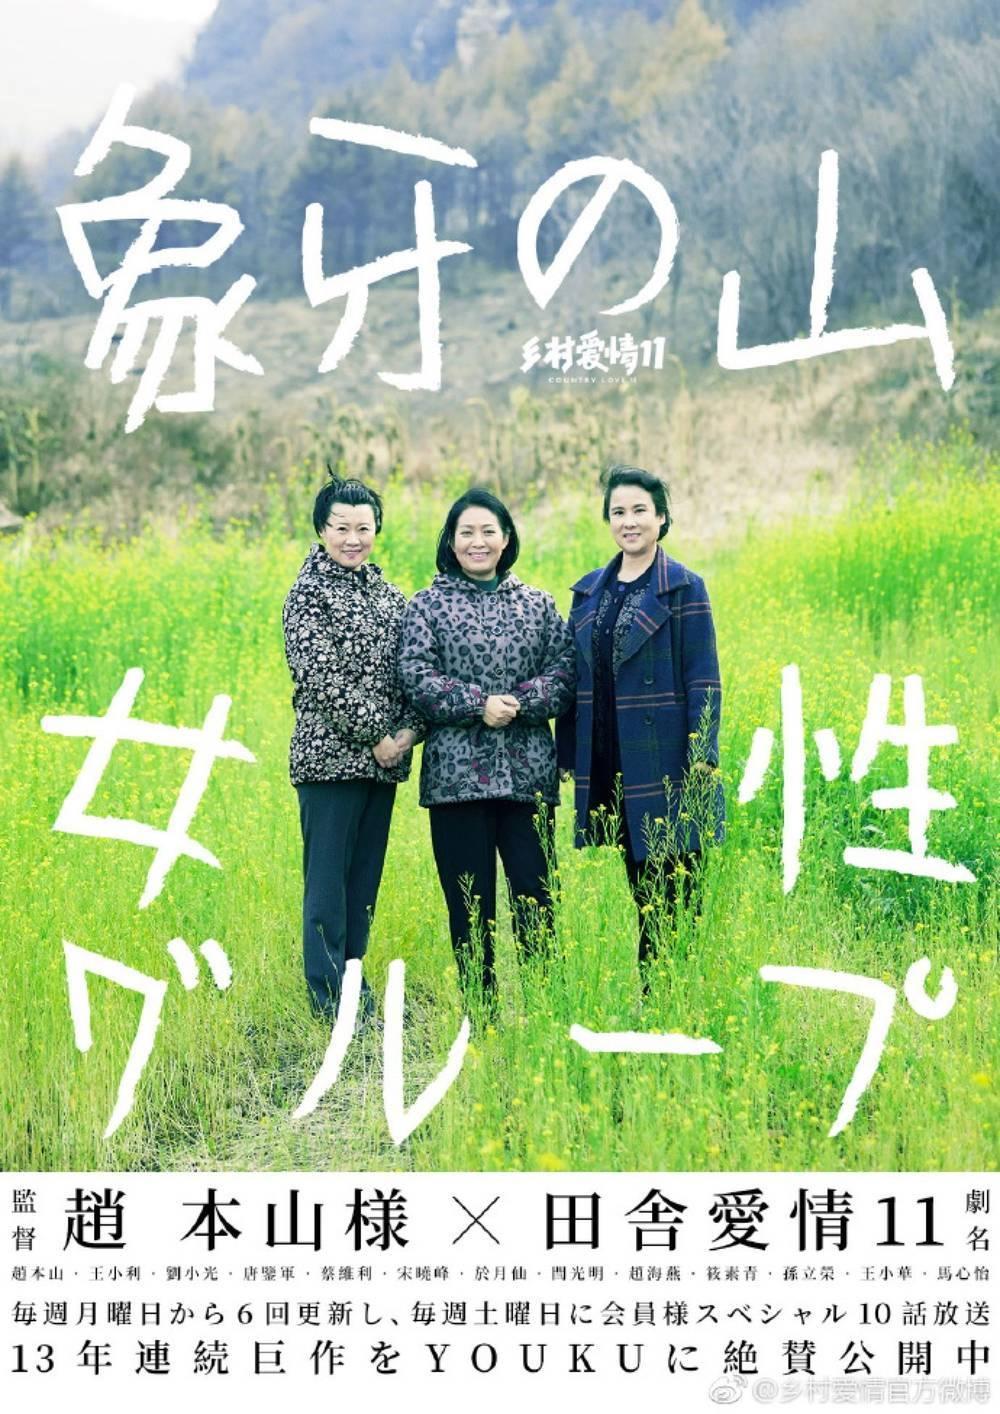 国民横剧乡村爱情发布国际版海报,个个是大片!